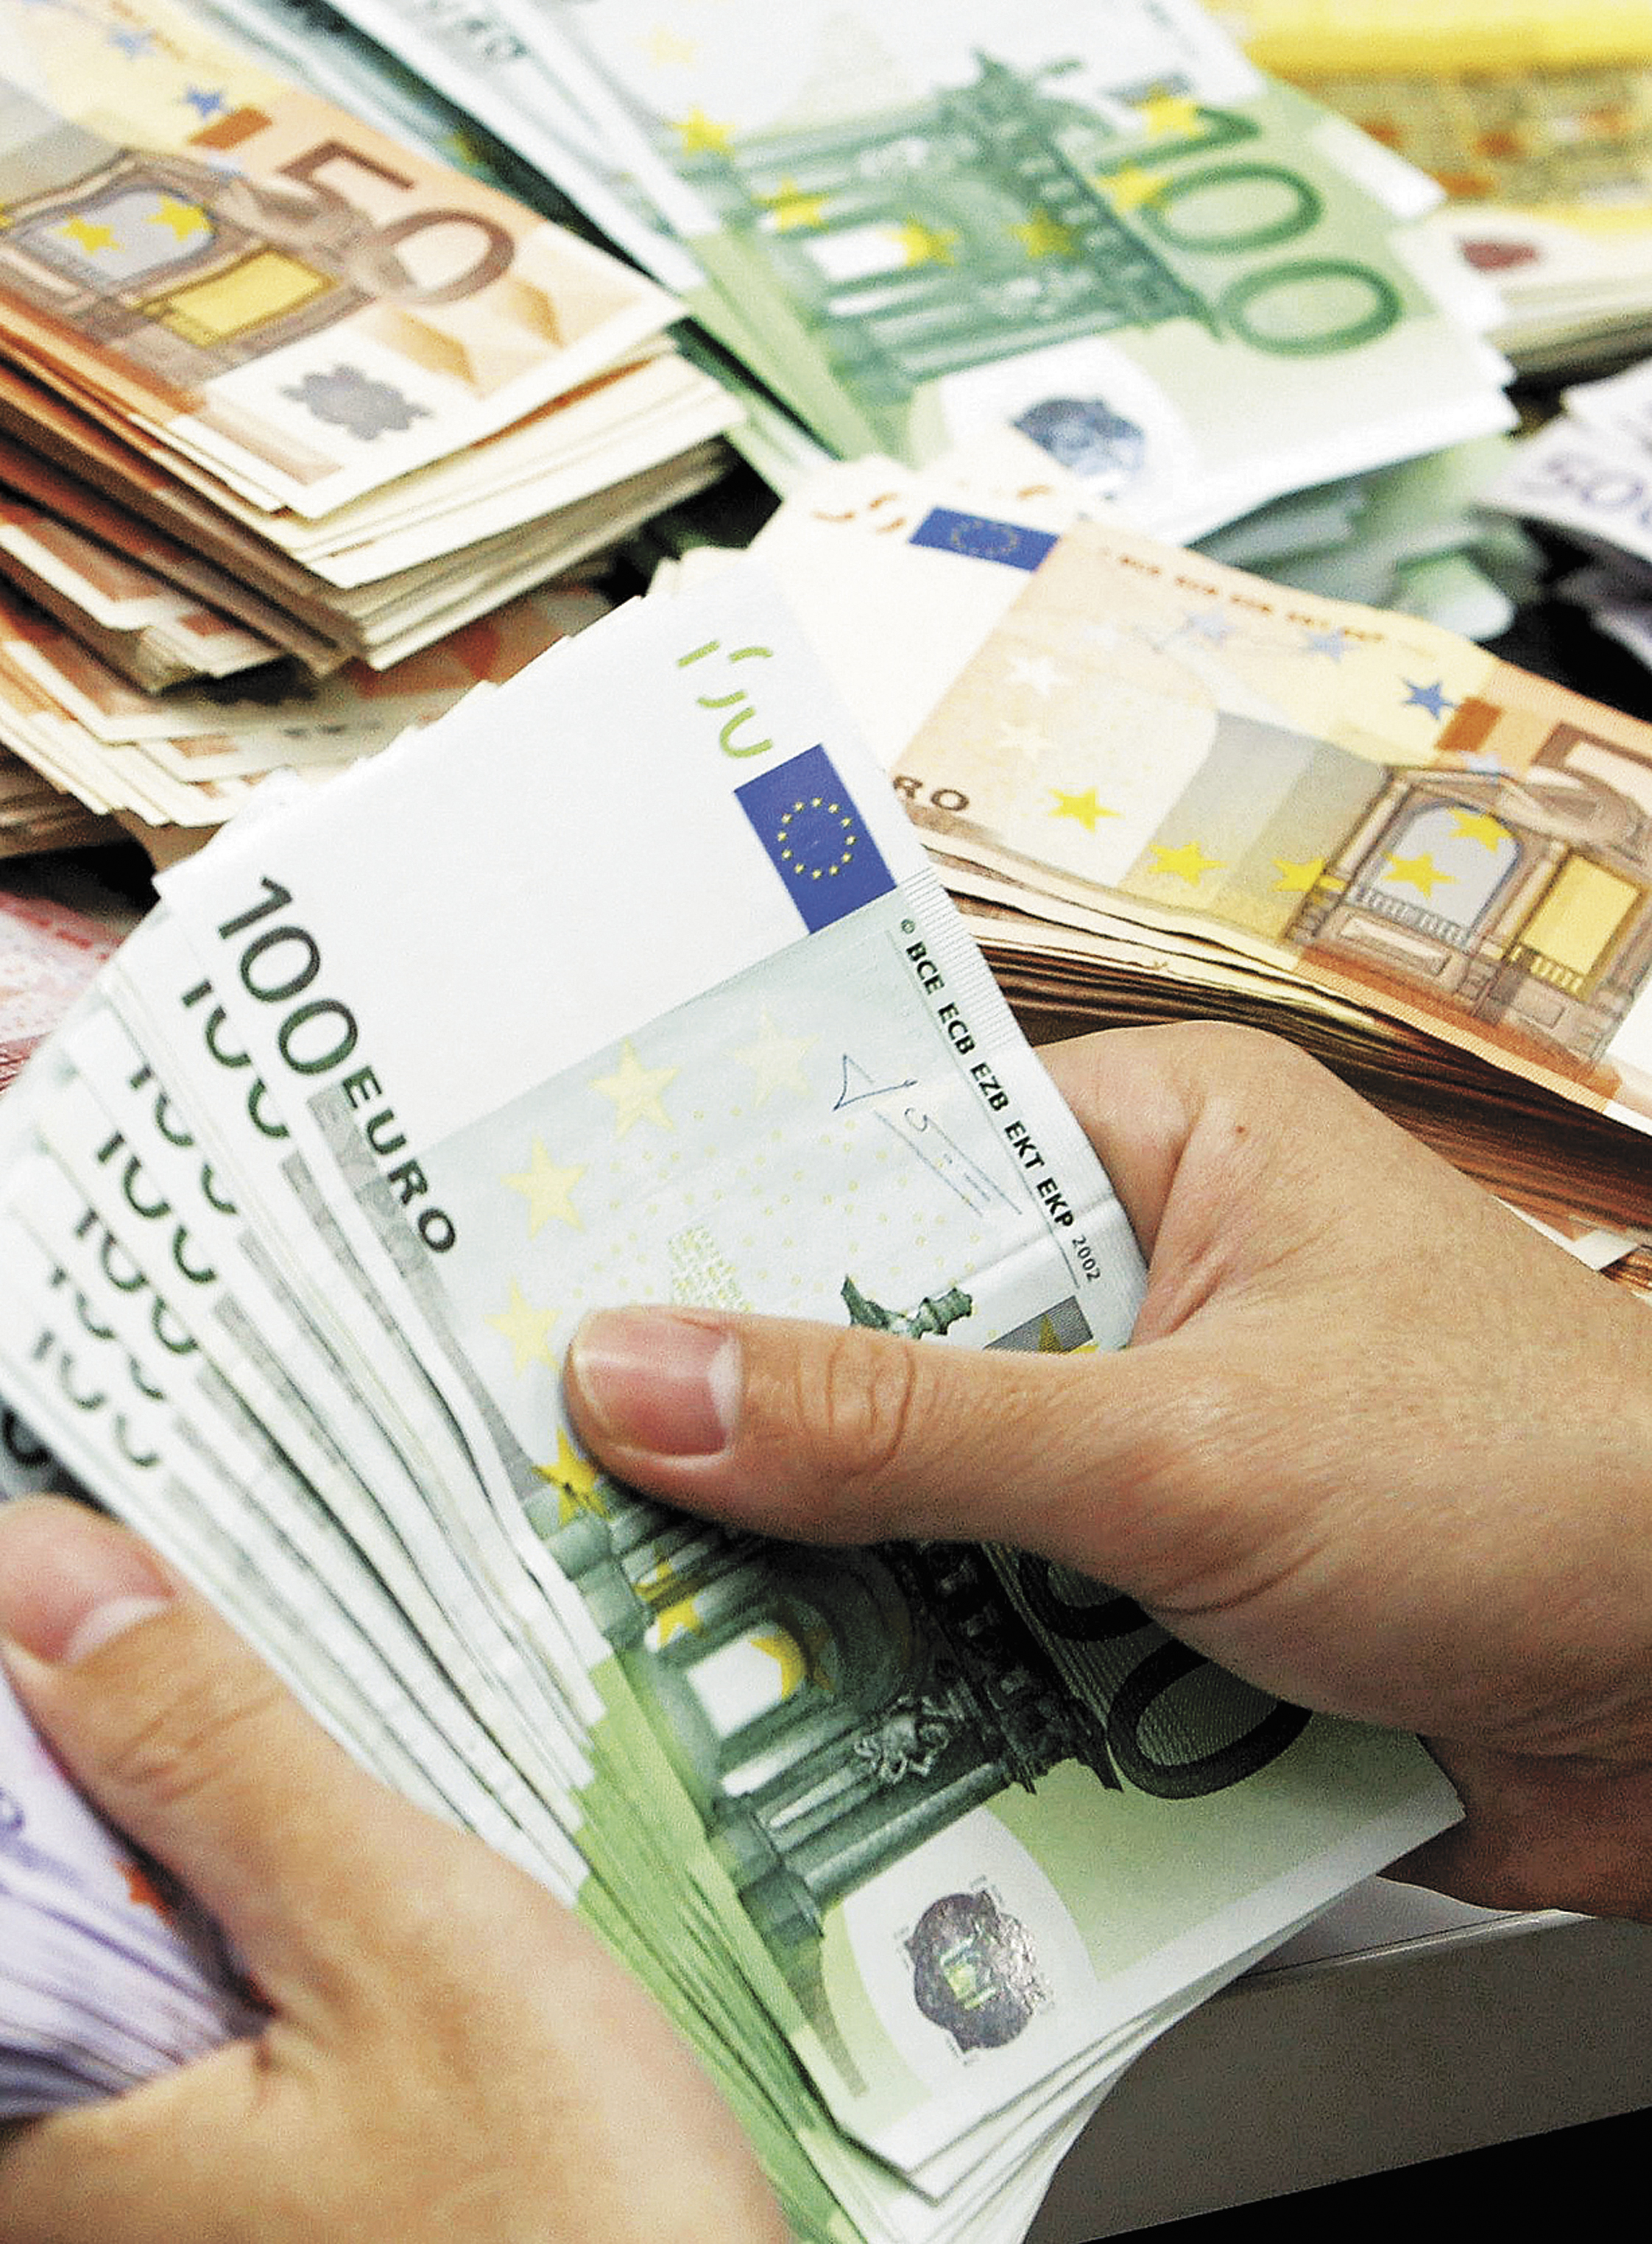 Πάγωσε το ενδιαφέρον για την ρύθμιση των 100 δόσεων λόγω εκλογών | tovima.gr